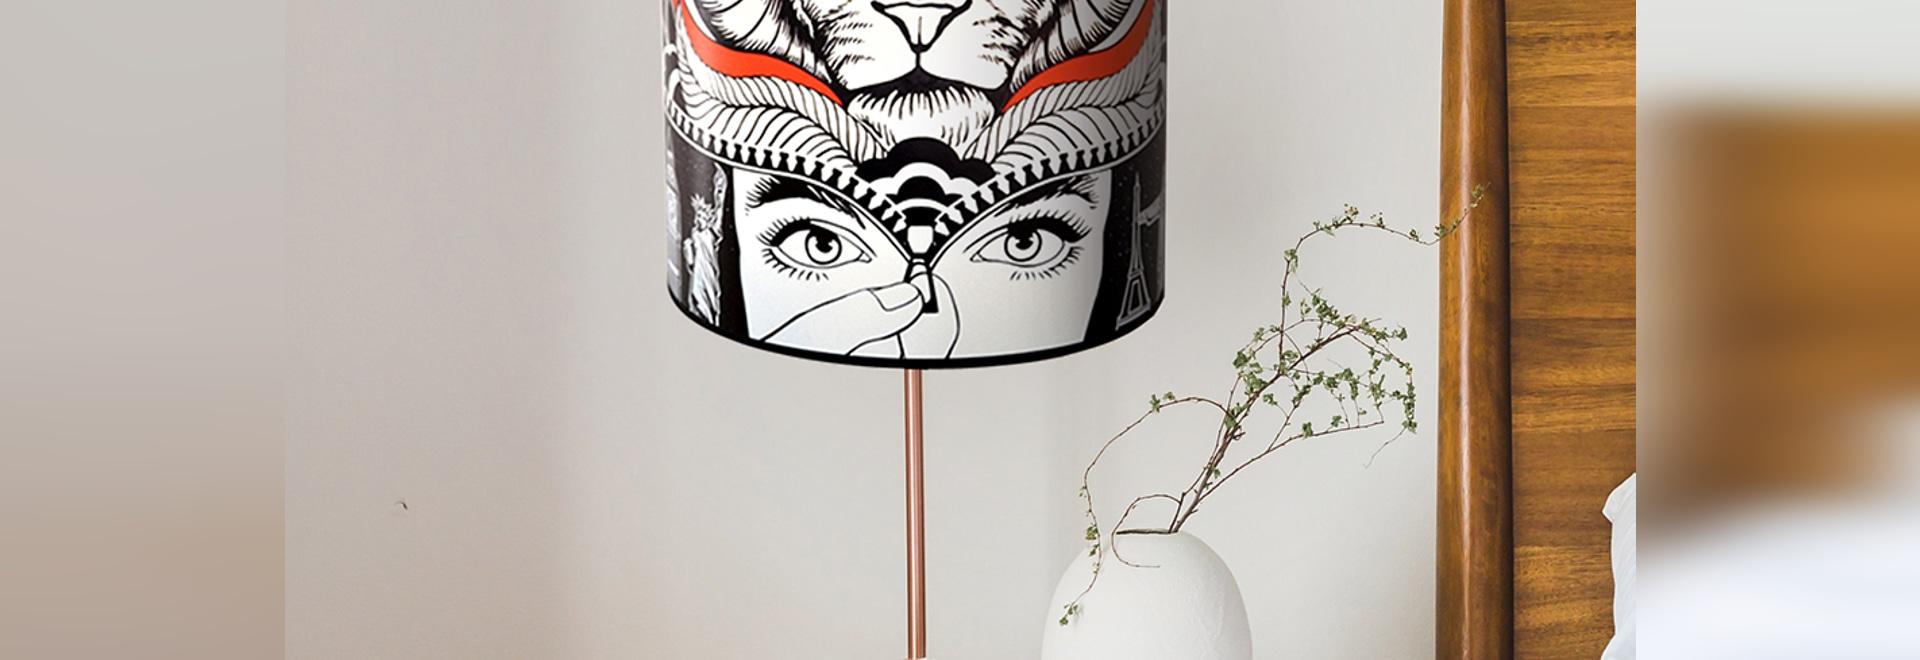 Raum in einem Privateigentum mit kundengebundener Lampe